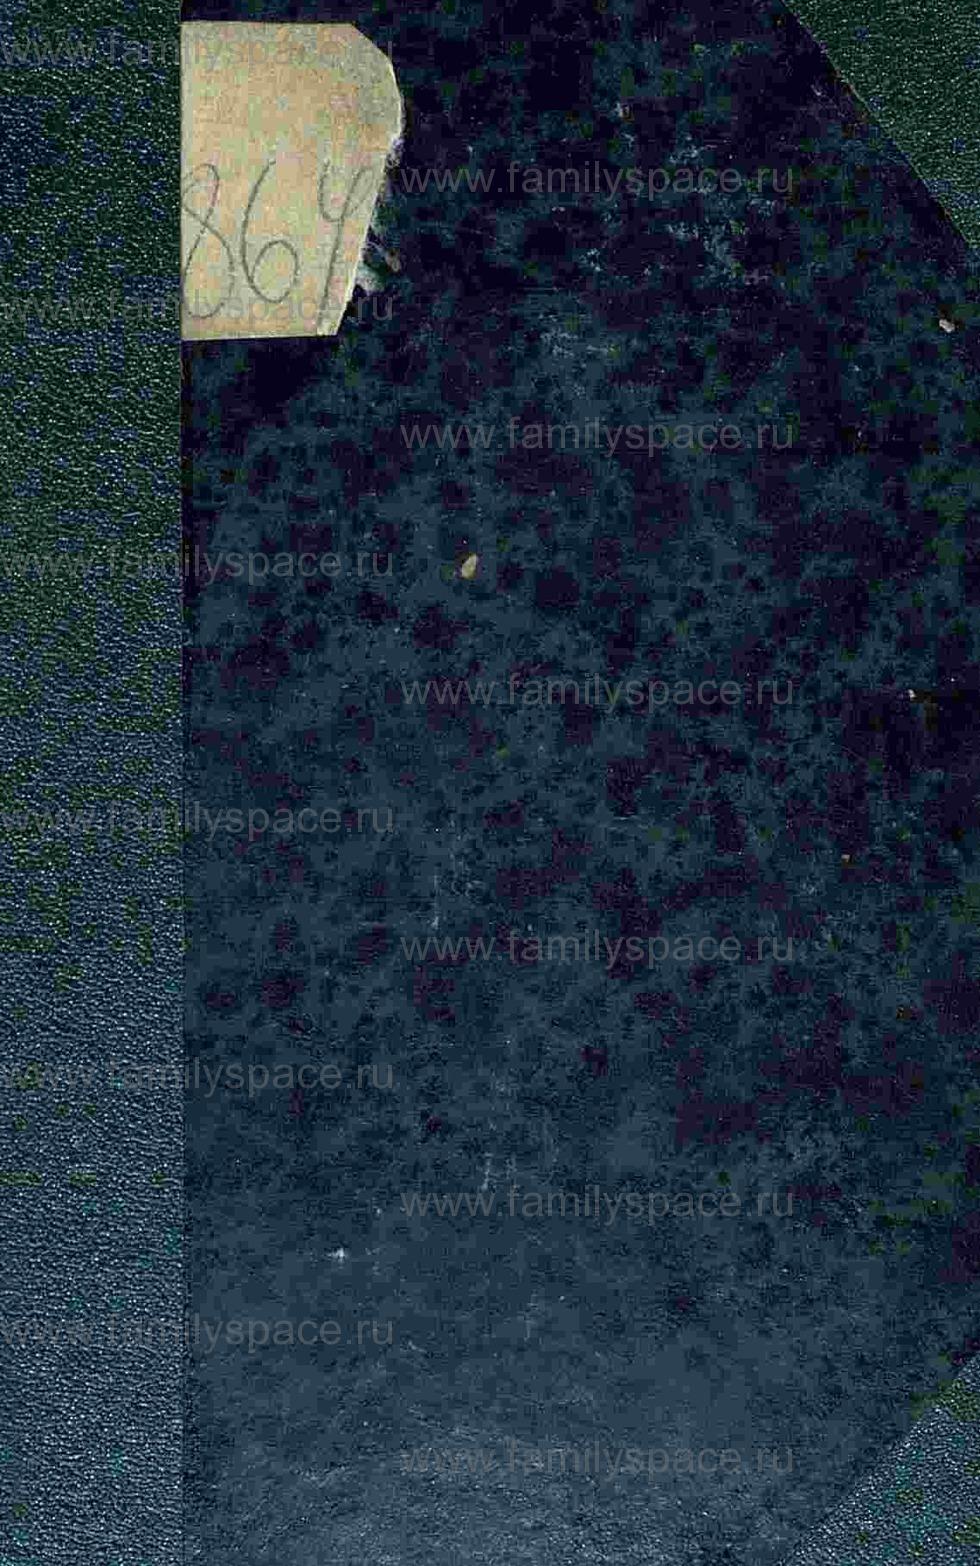 Поиск по фамилии - Памятная книжка Гродненской губернии 1864 г., страница 1